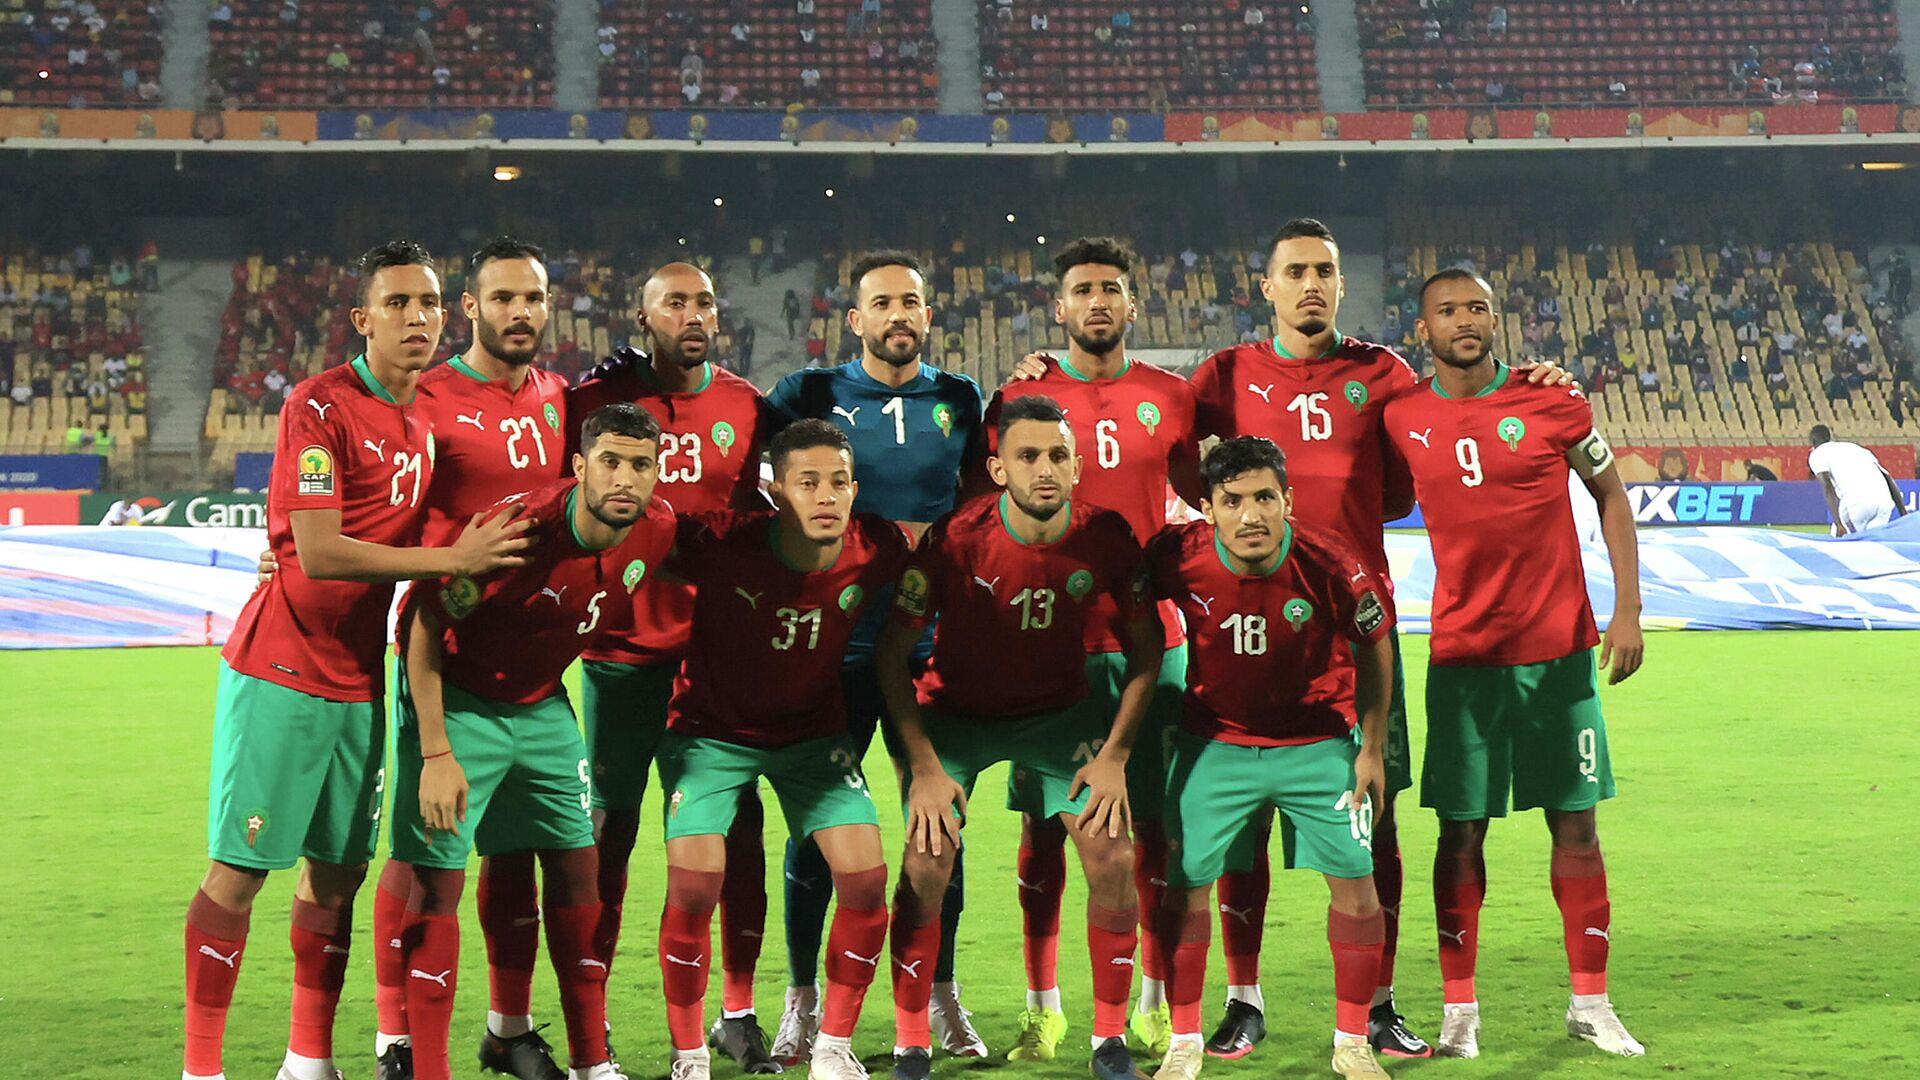 Сборная Марокко по футболу - РИА Новости, 1920, 08.02.2021